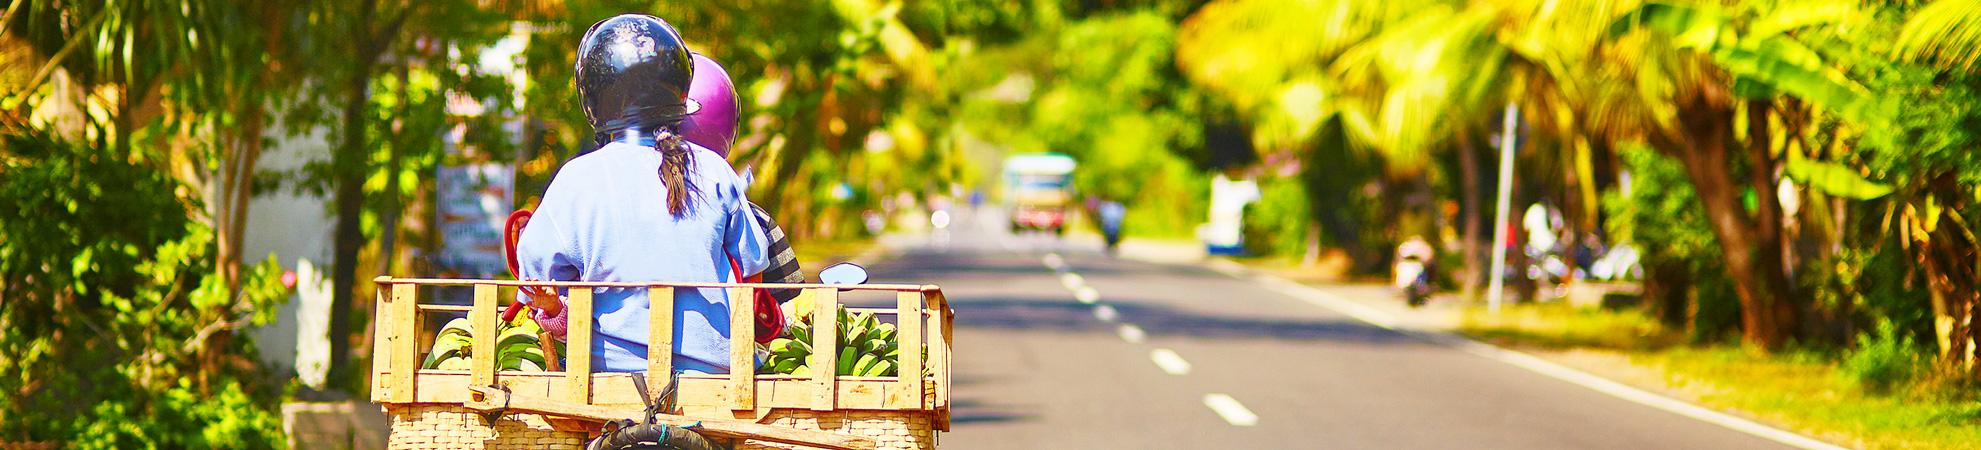 Transports en commun à Bali